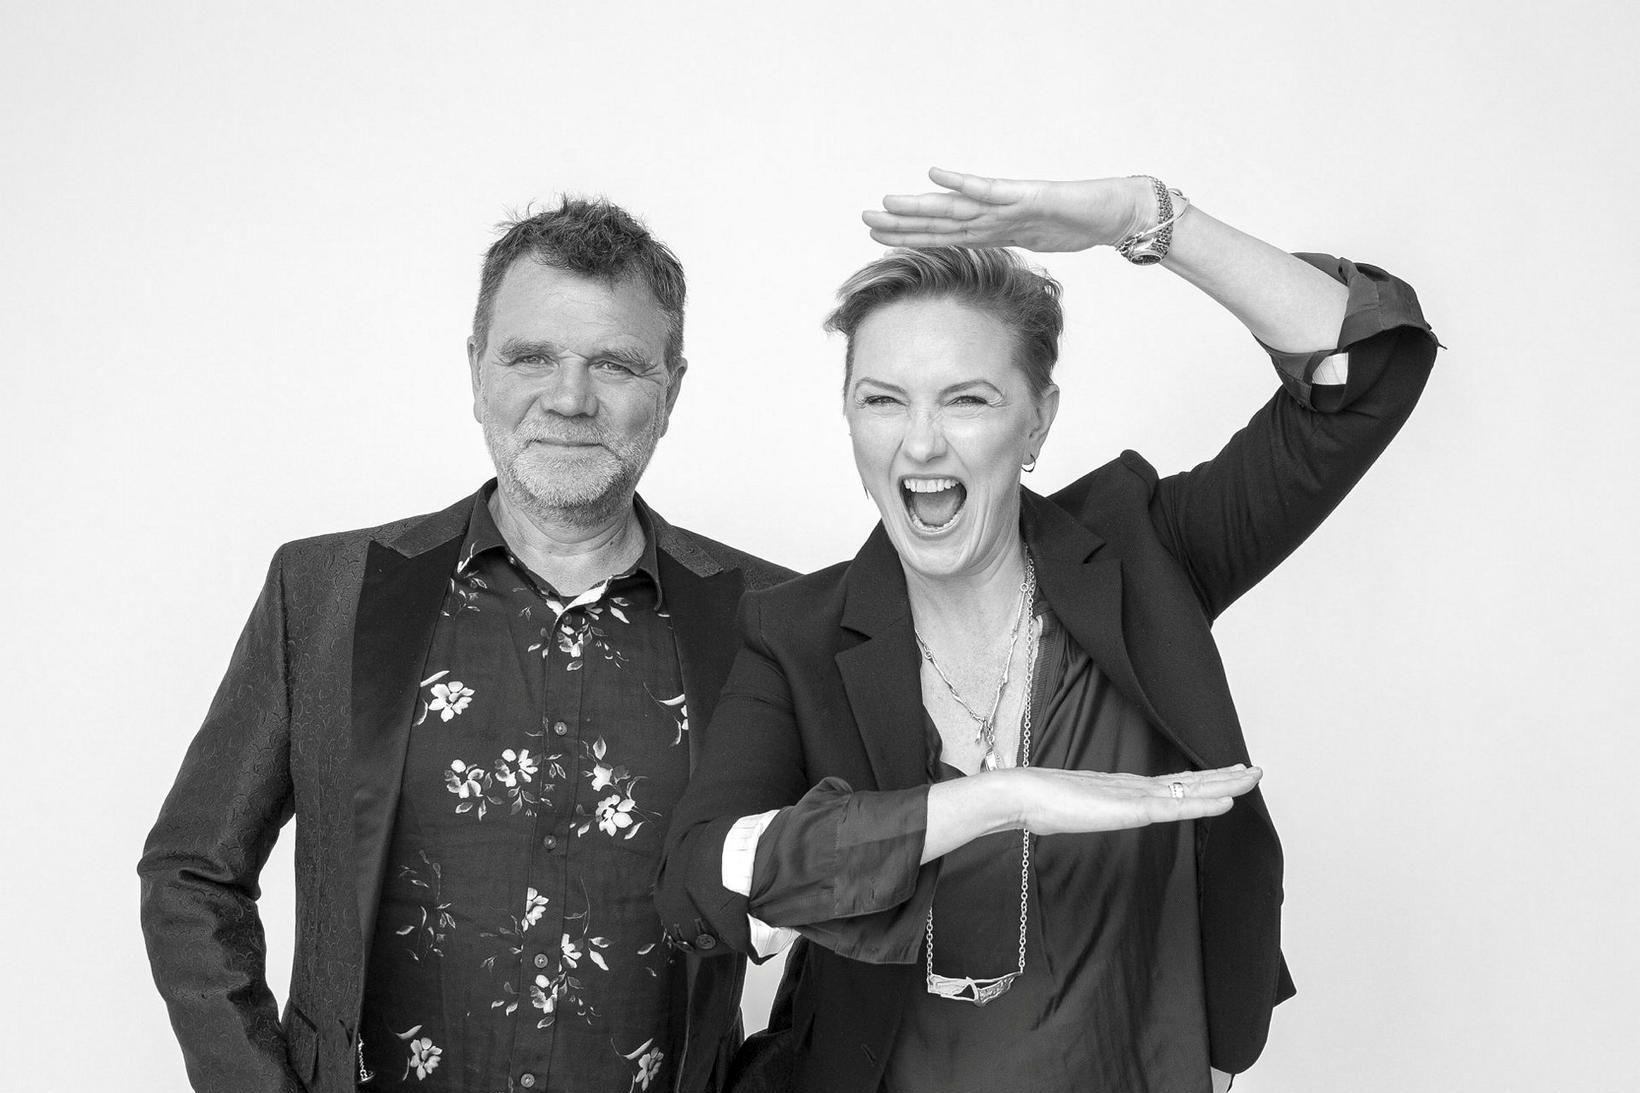 Tryggvi Þorsteinsson og Erla Dögg Ingjaldsdóttir reka hönnunarfyrirtækið Minarc í …